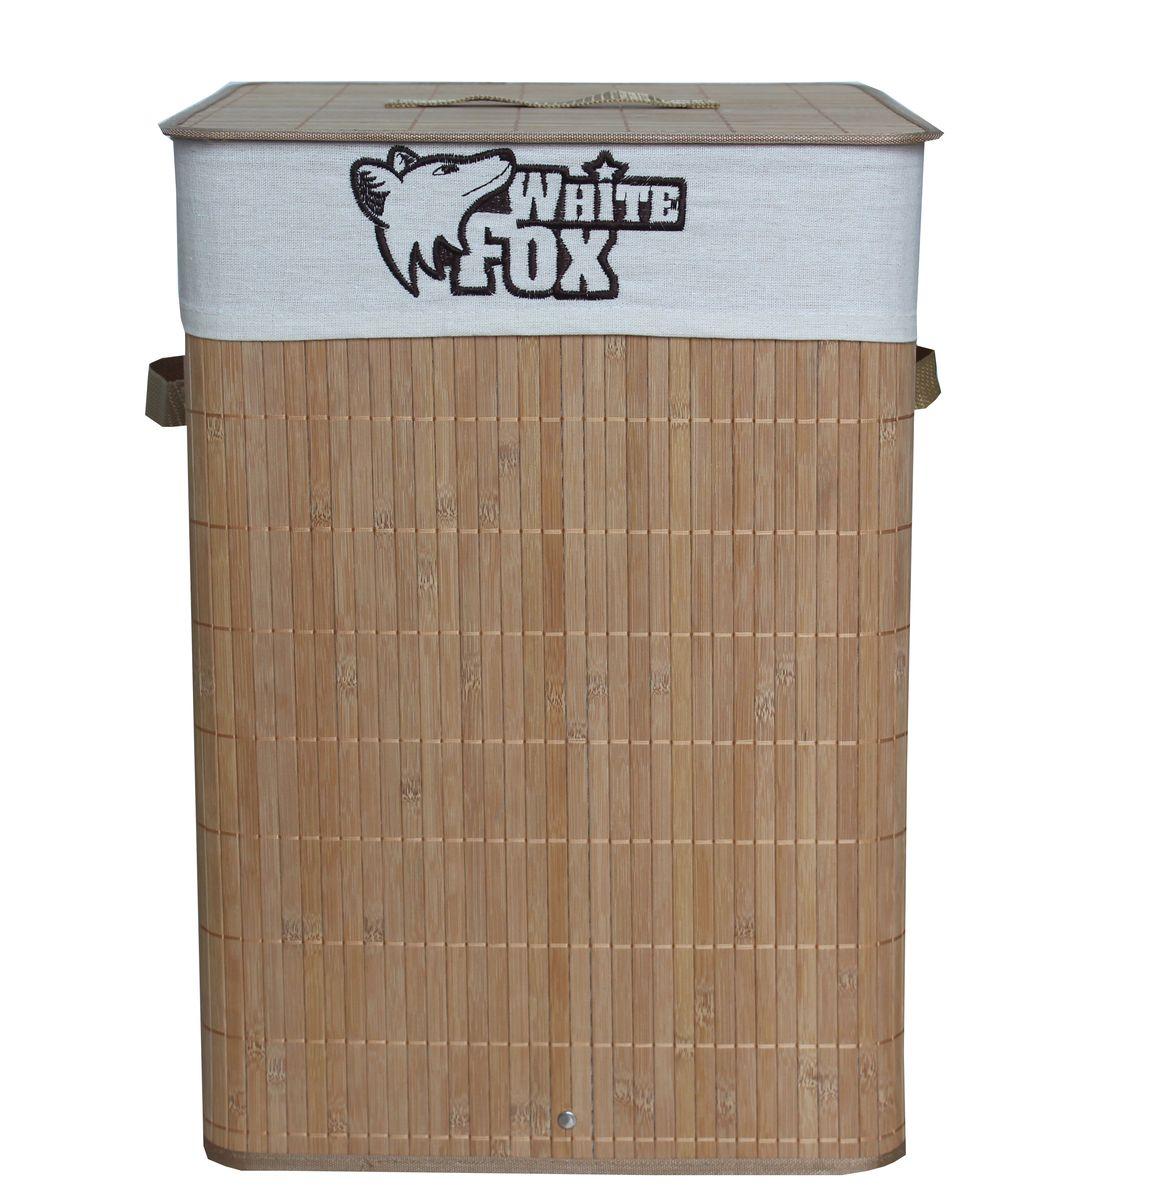 Корзина для белья White Fox Bamboo Standart, квадратная, 35 х 35 х 50 смWBLA10-214Корзина для белья White Fox Bamboo Standart предназначена для организации и хранения белья. Съемный чехол можно стирать в стиральной машине при деликатной стирке. Удобные ручки помогут перемещать корзину в любое удобное место. Размер корзины в собранном виде: 35 х 35 х 50 см.